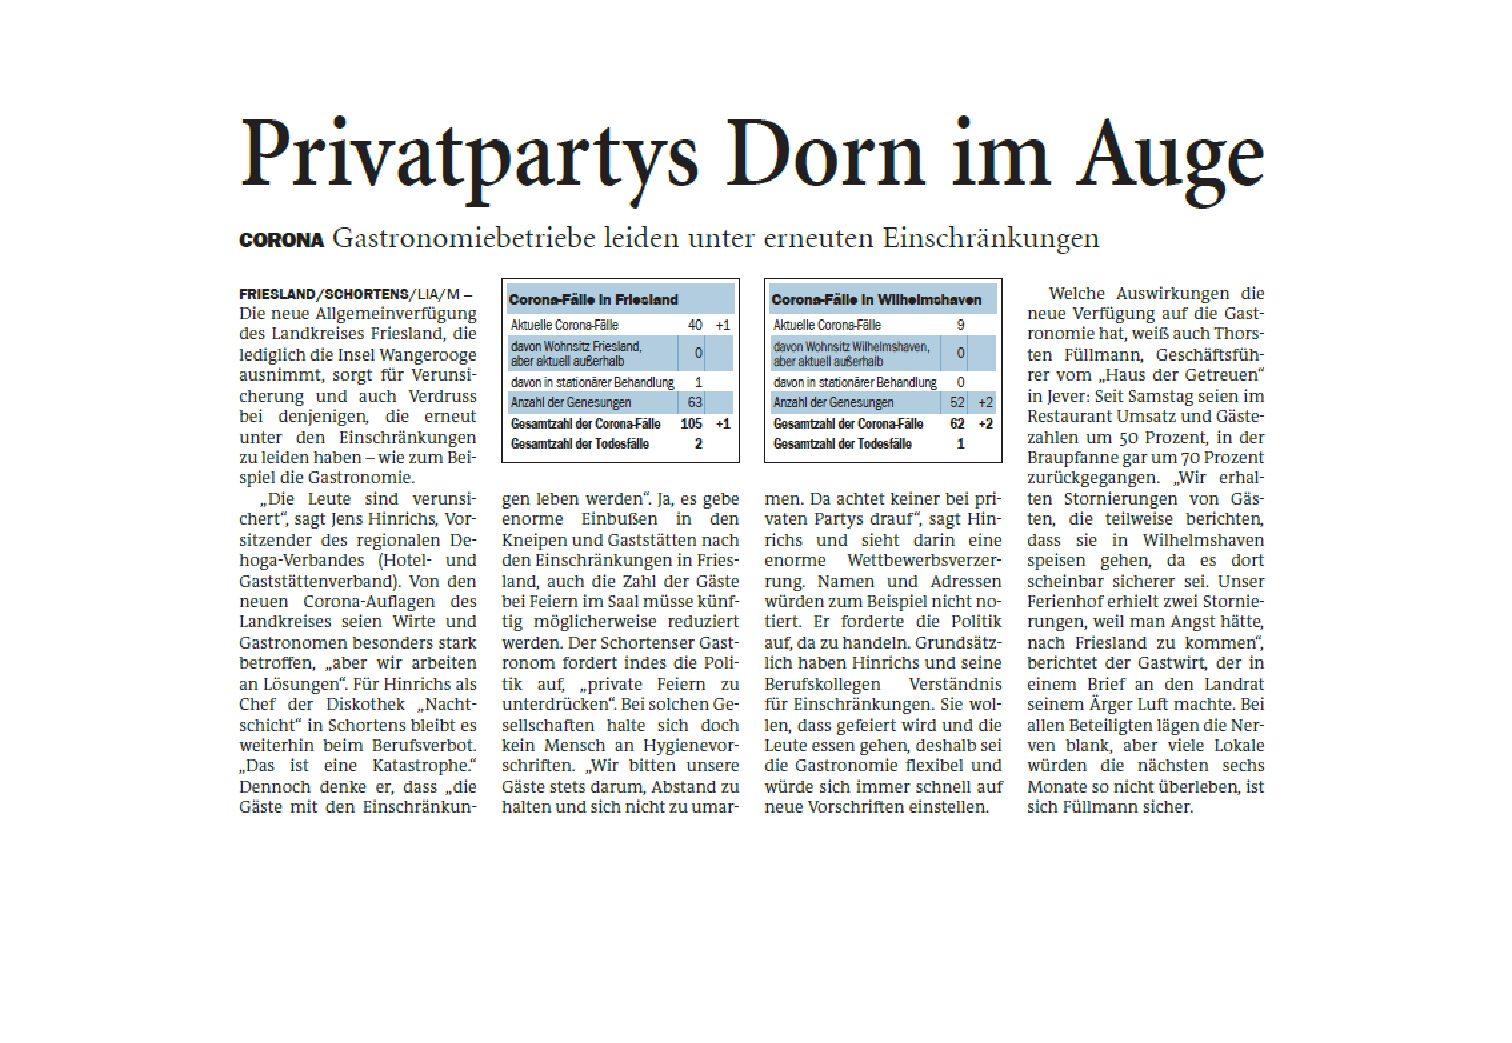 Jeversches Wochenblatt 30.09.2020